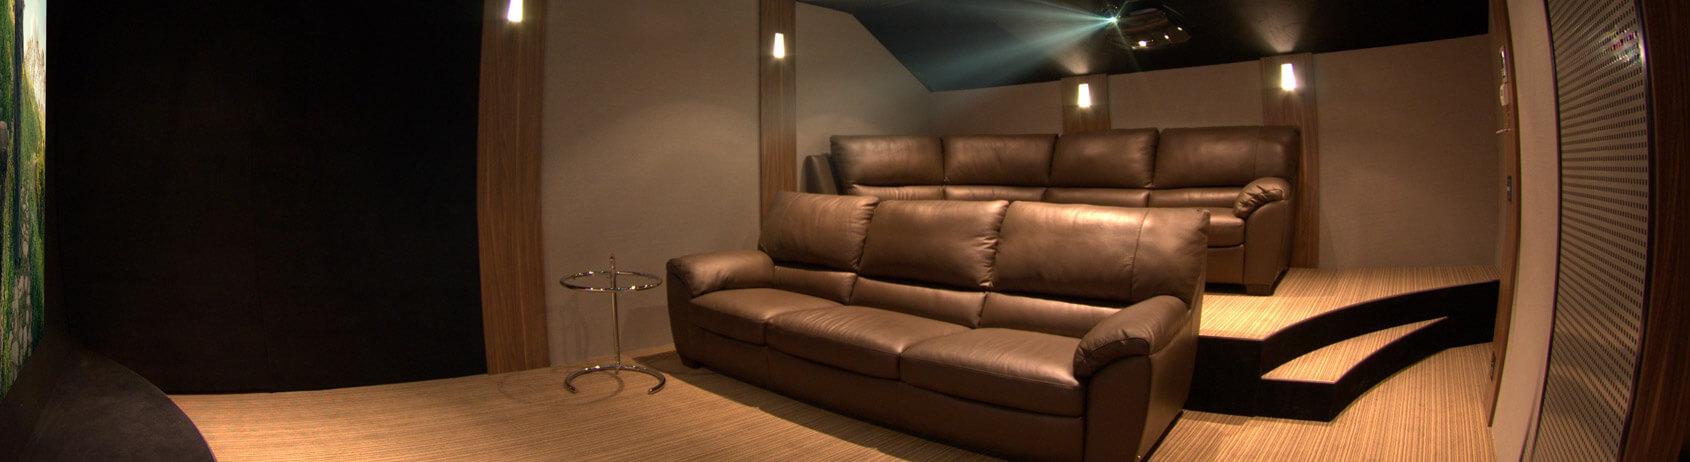 Les tapes incontournables pour r aliser une v ritable - Salle de cinema a la maison ...